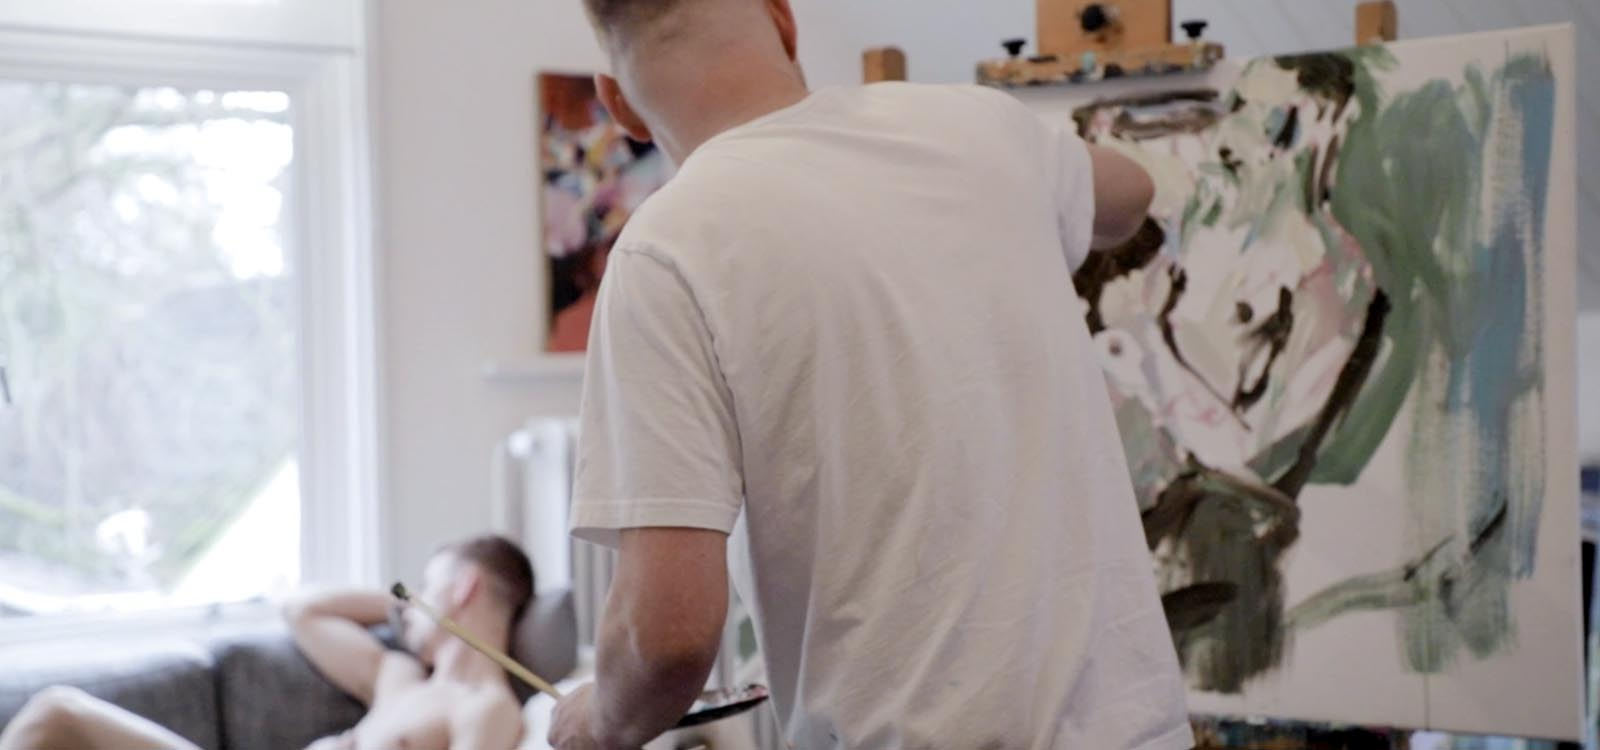 model painting coen van ham atelier